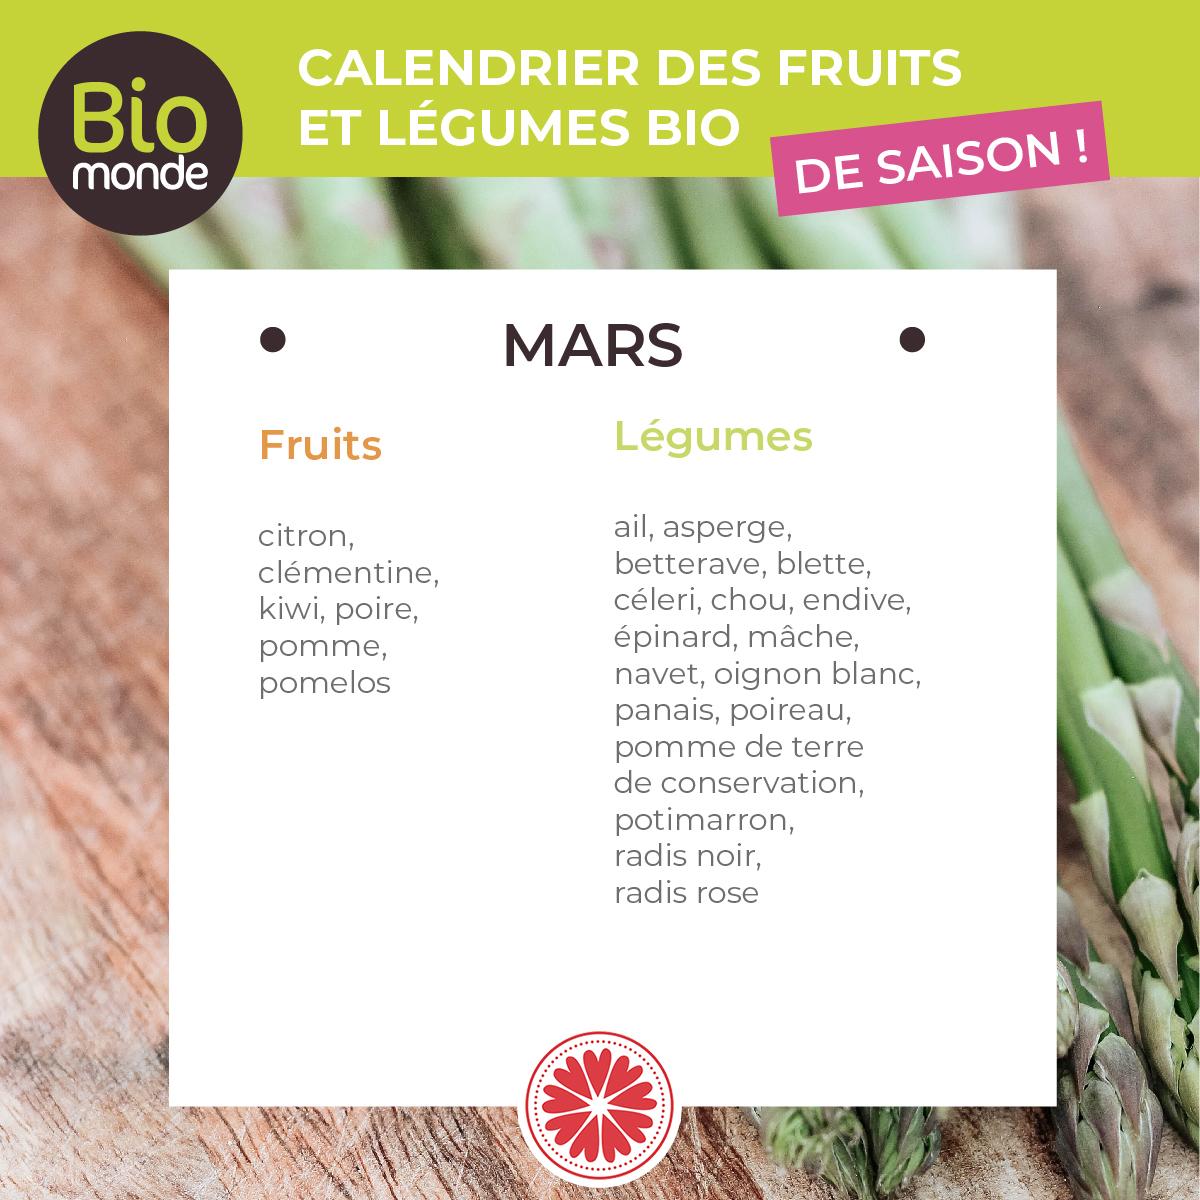 Calendrier fruits et légumes de saison le beaupré biomonde